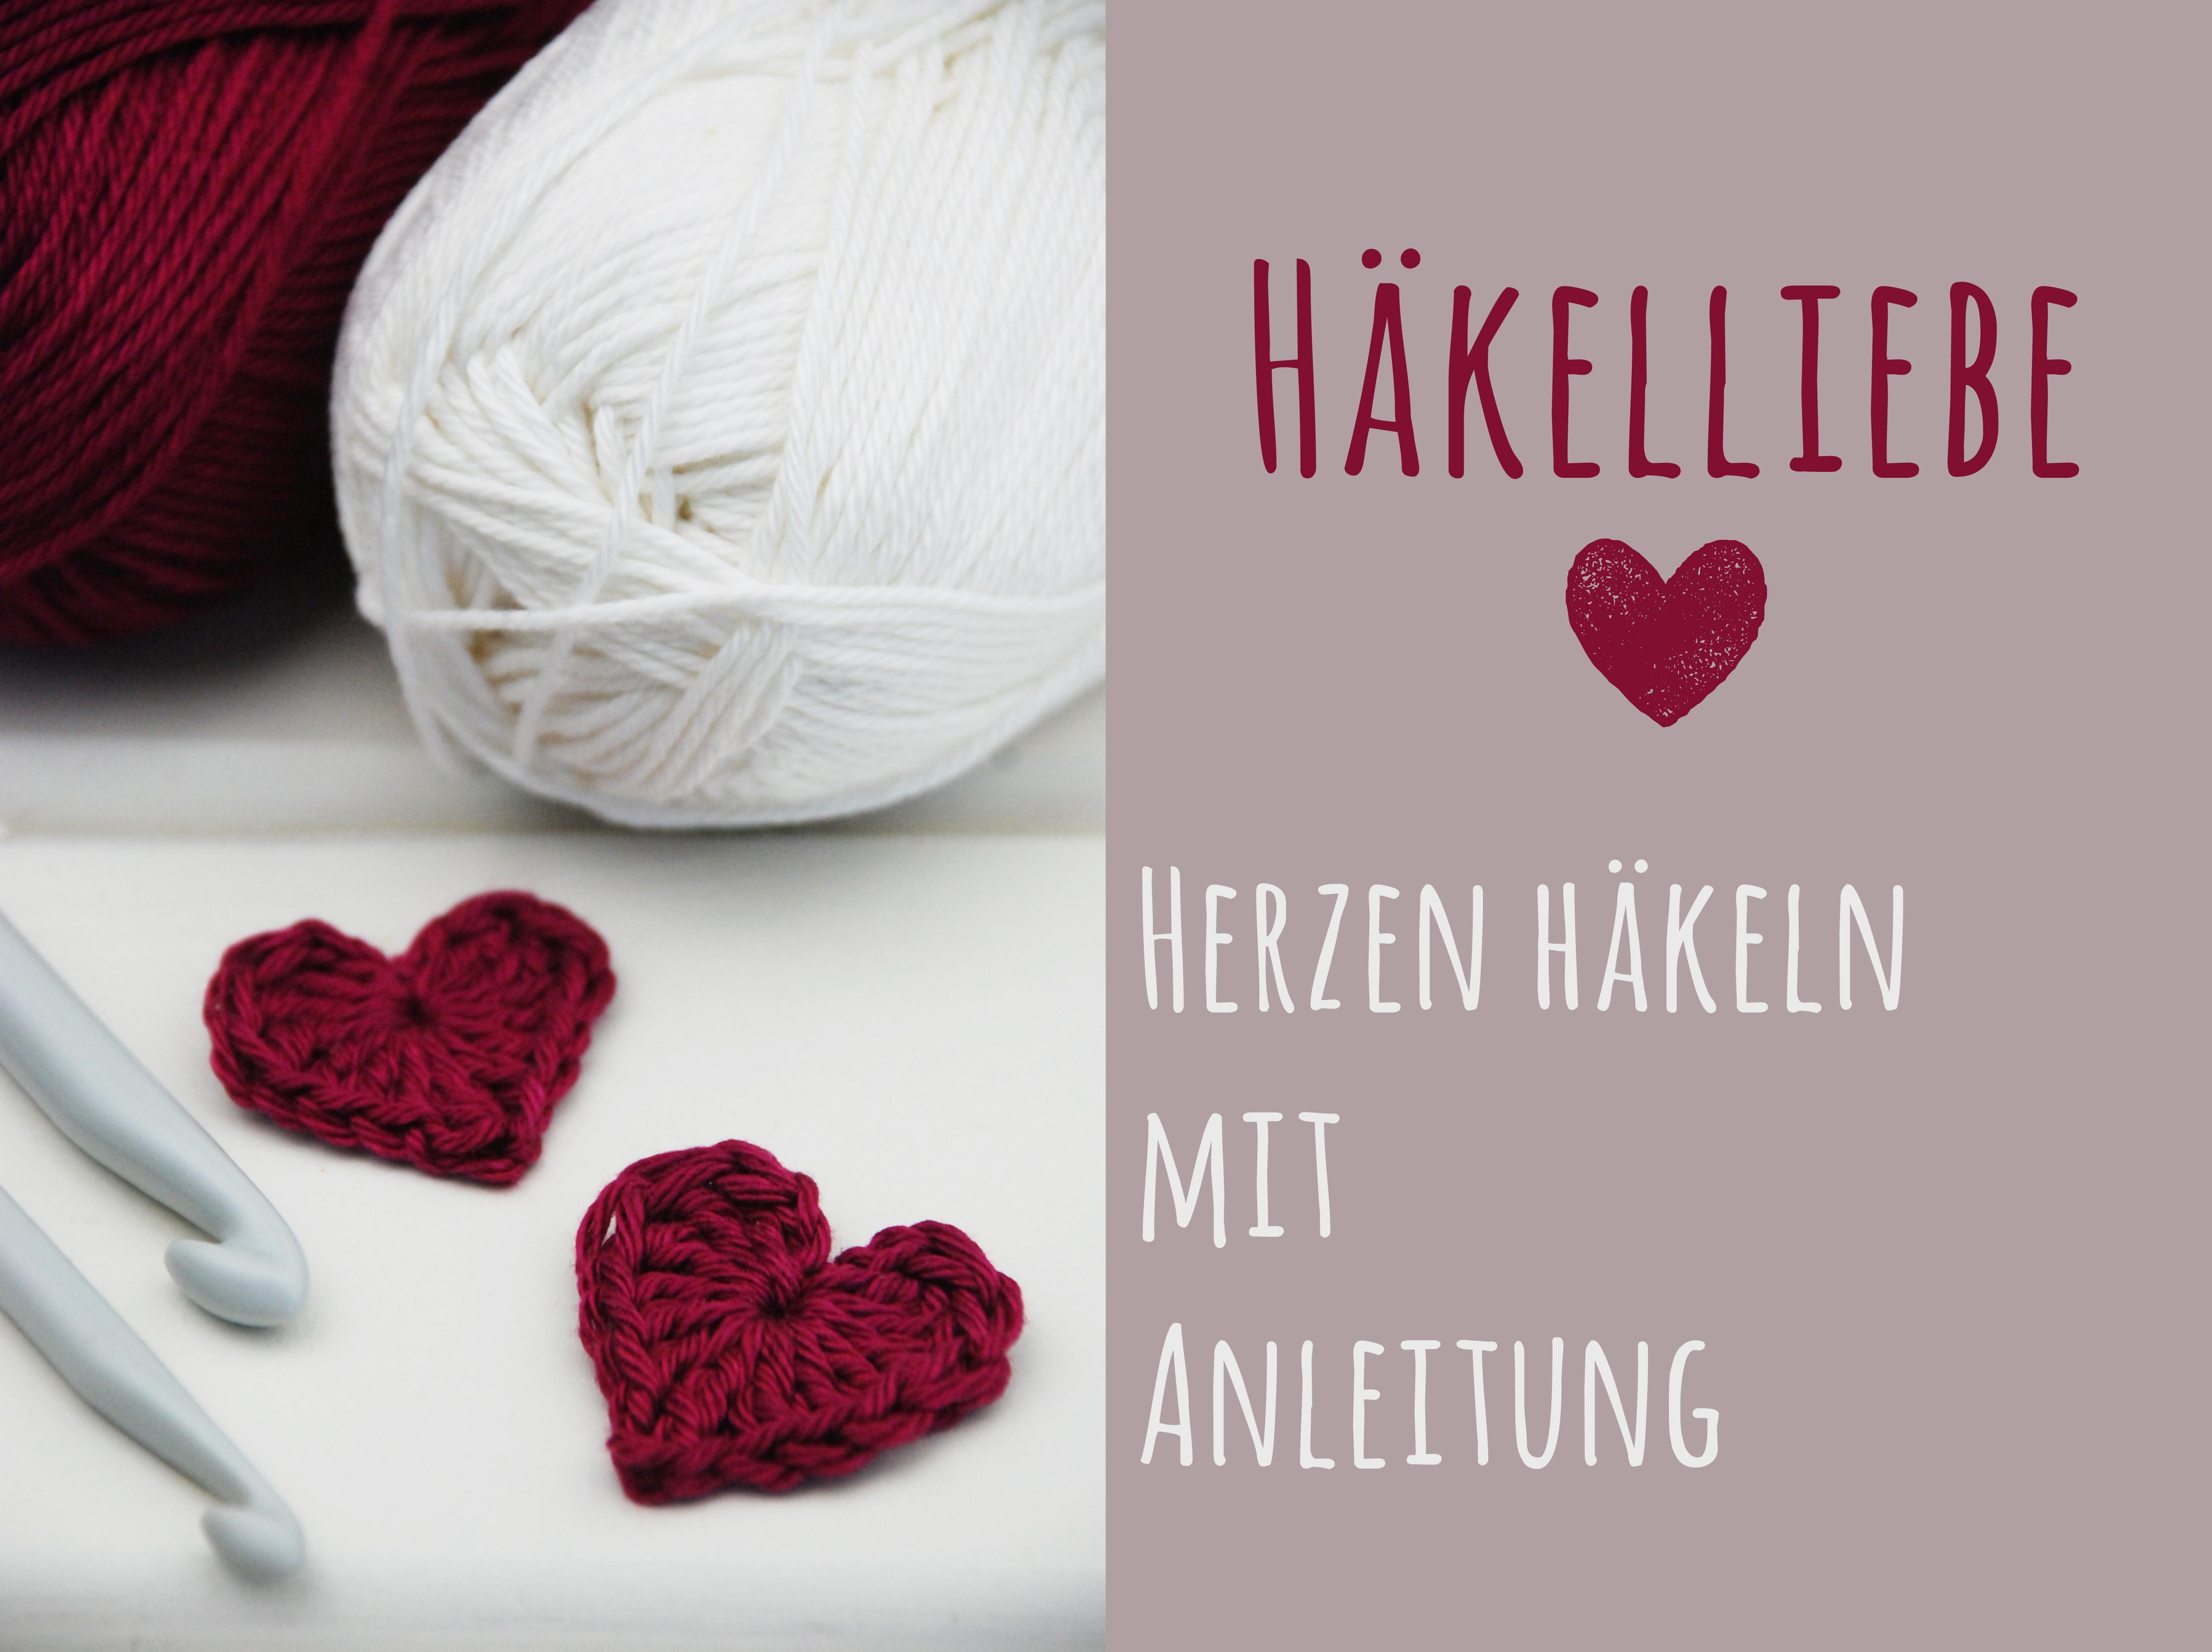 Häkelliebe Anleitung Zum Herzen Häkeln Barfussimnovember